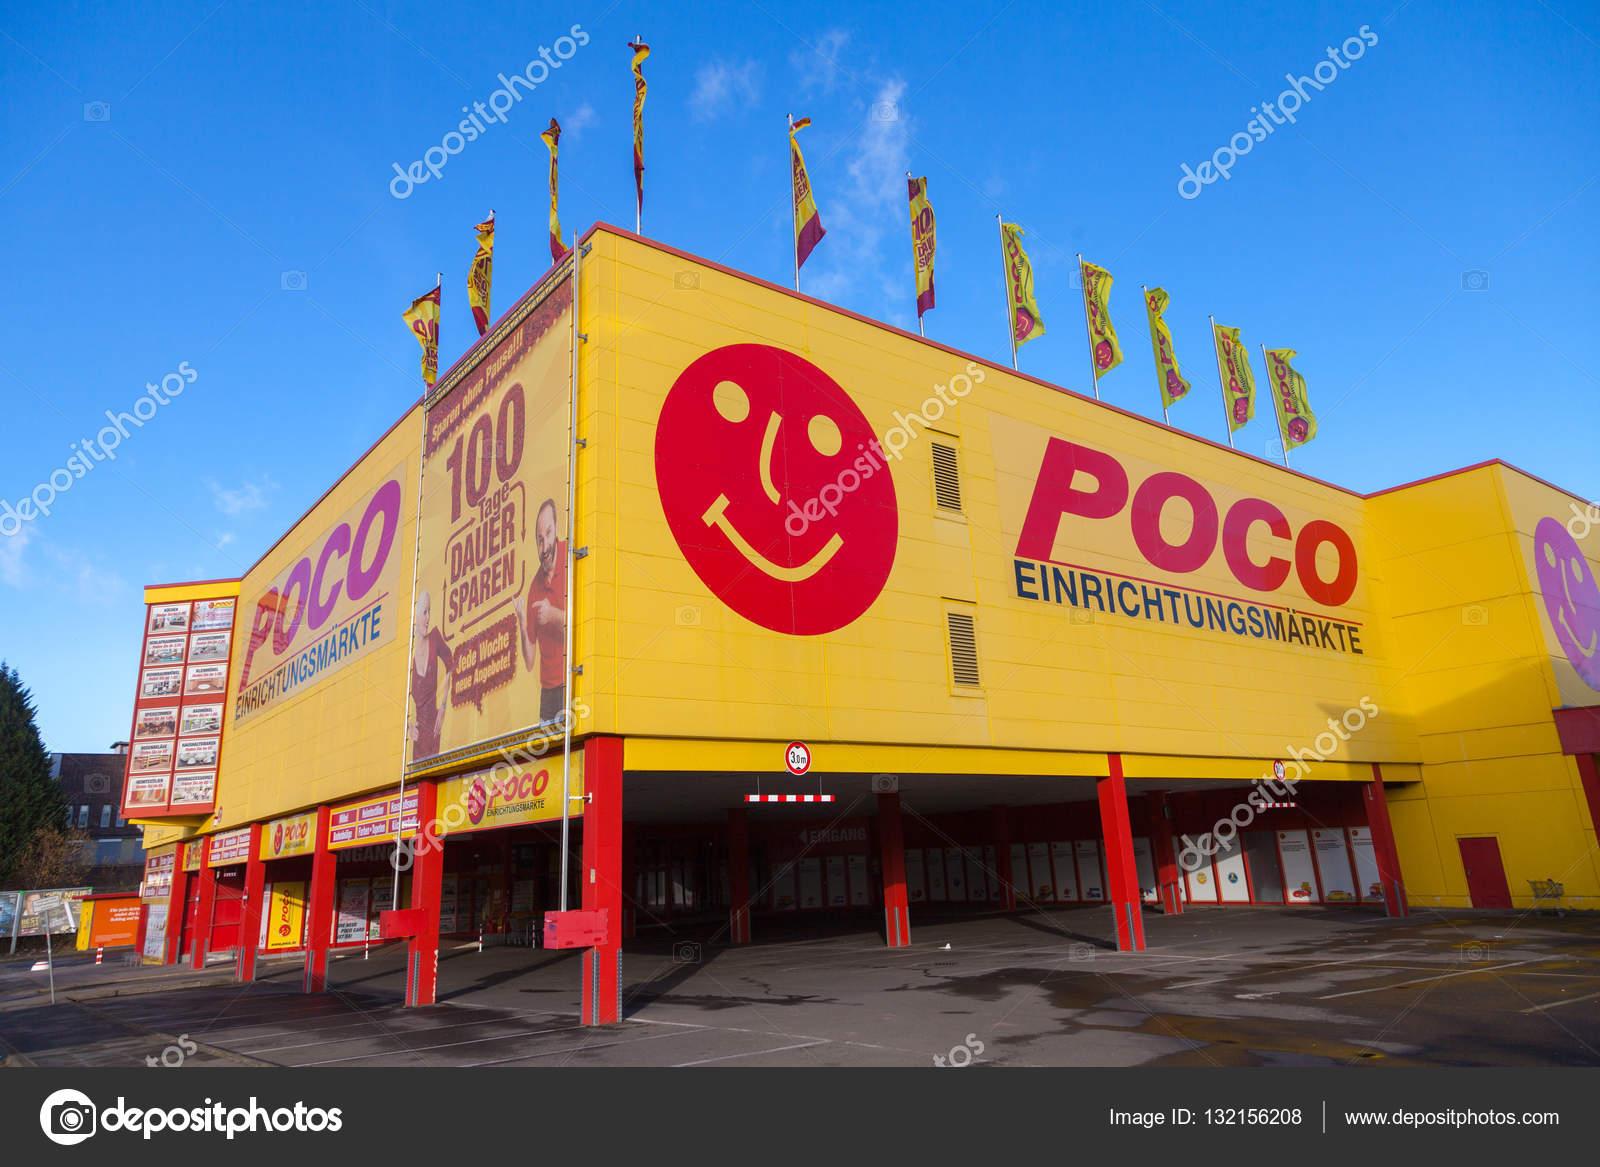 Deutsche Poco Möbelhäuser Einrichtungsmaerkte Marke Auf Einer Poco